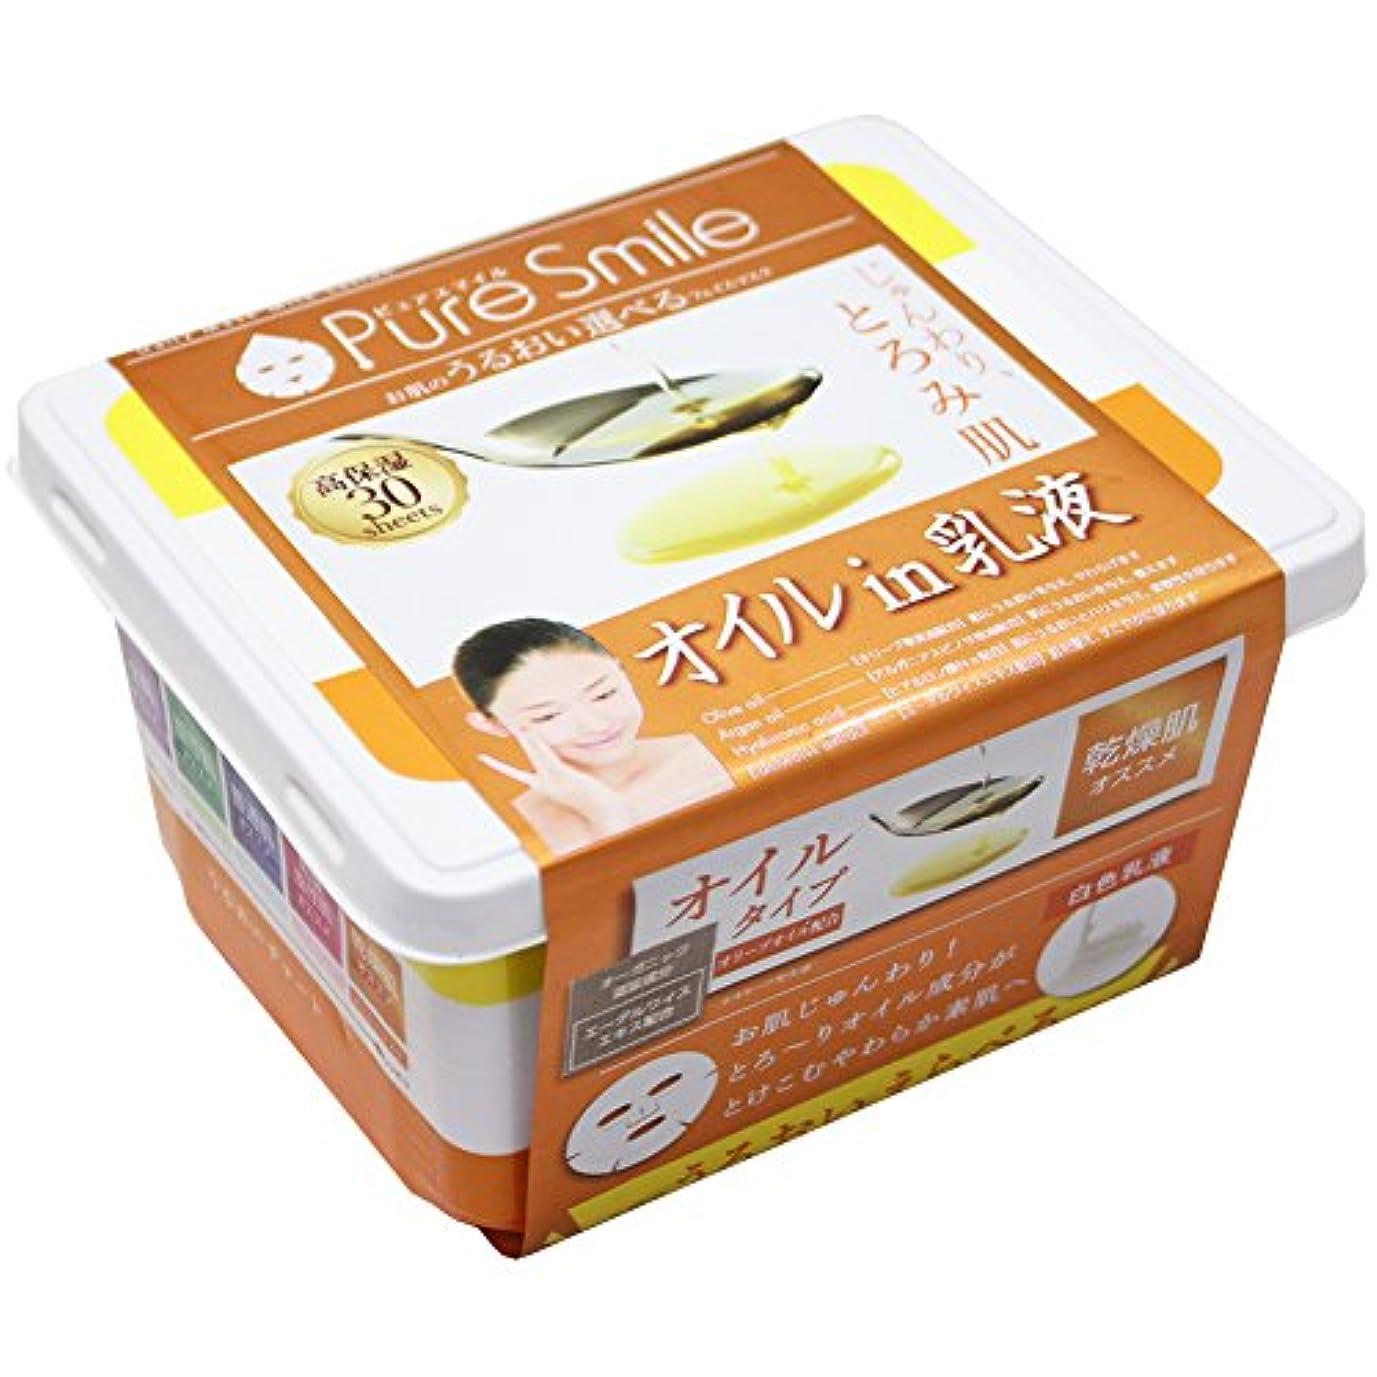 視聴者どんなときもマエストロPure Smile(ピュアスマイル) PureSmile(ピュアスマイル) フェイスパック エッセンスマスク 30枚セット オイルin乳液?3S05 フェイスマスク